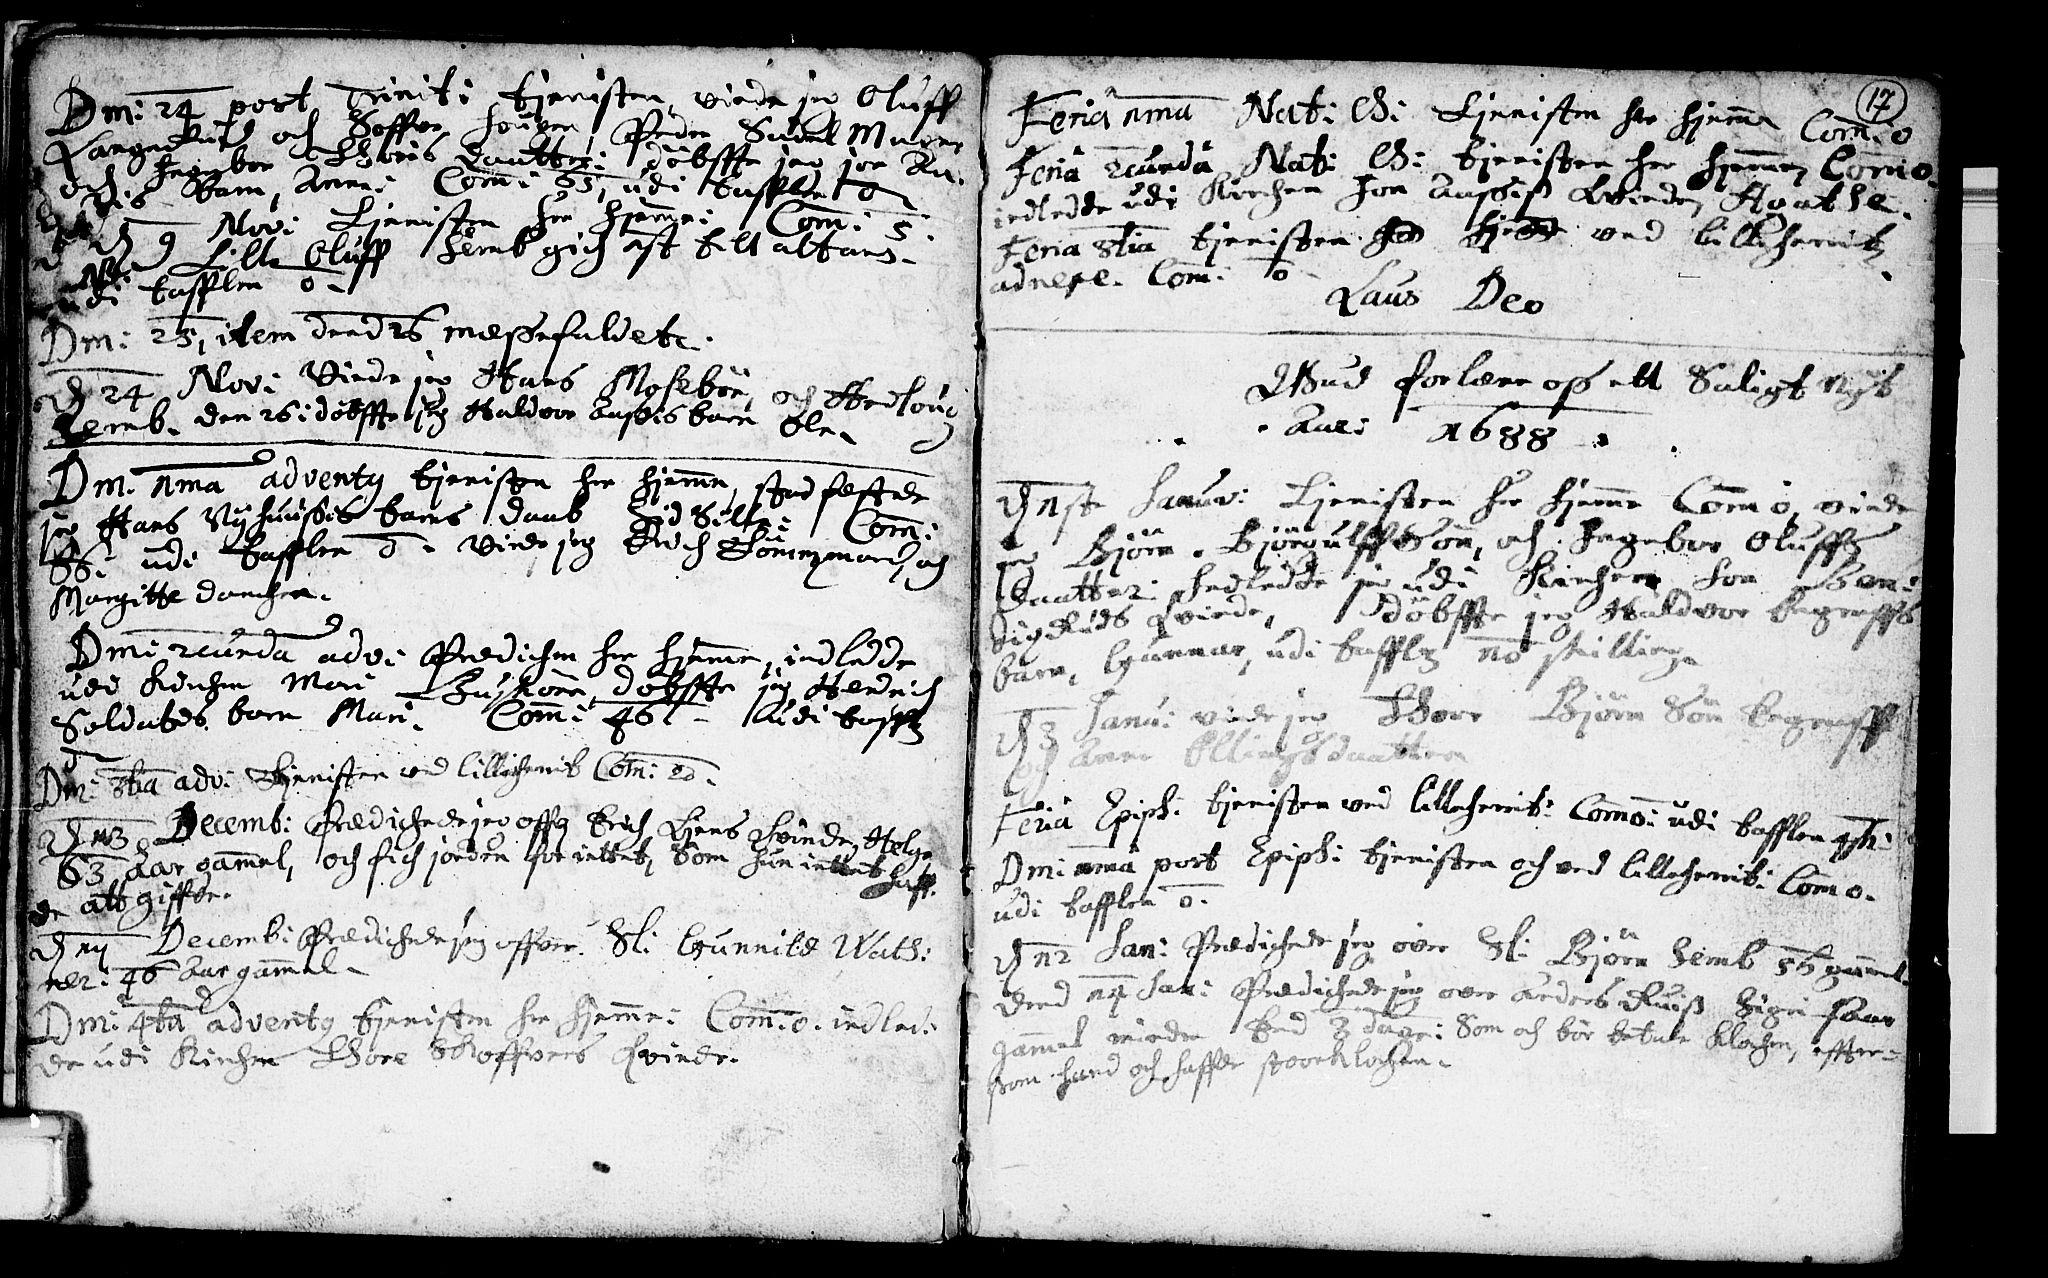 SAKO, Heddal kirkebøker, F/Fa/L0001: Ministerialbok nr. I 1, 1648-1699, s. 17